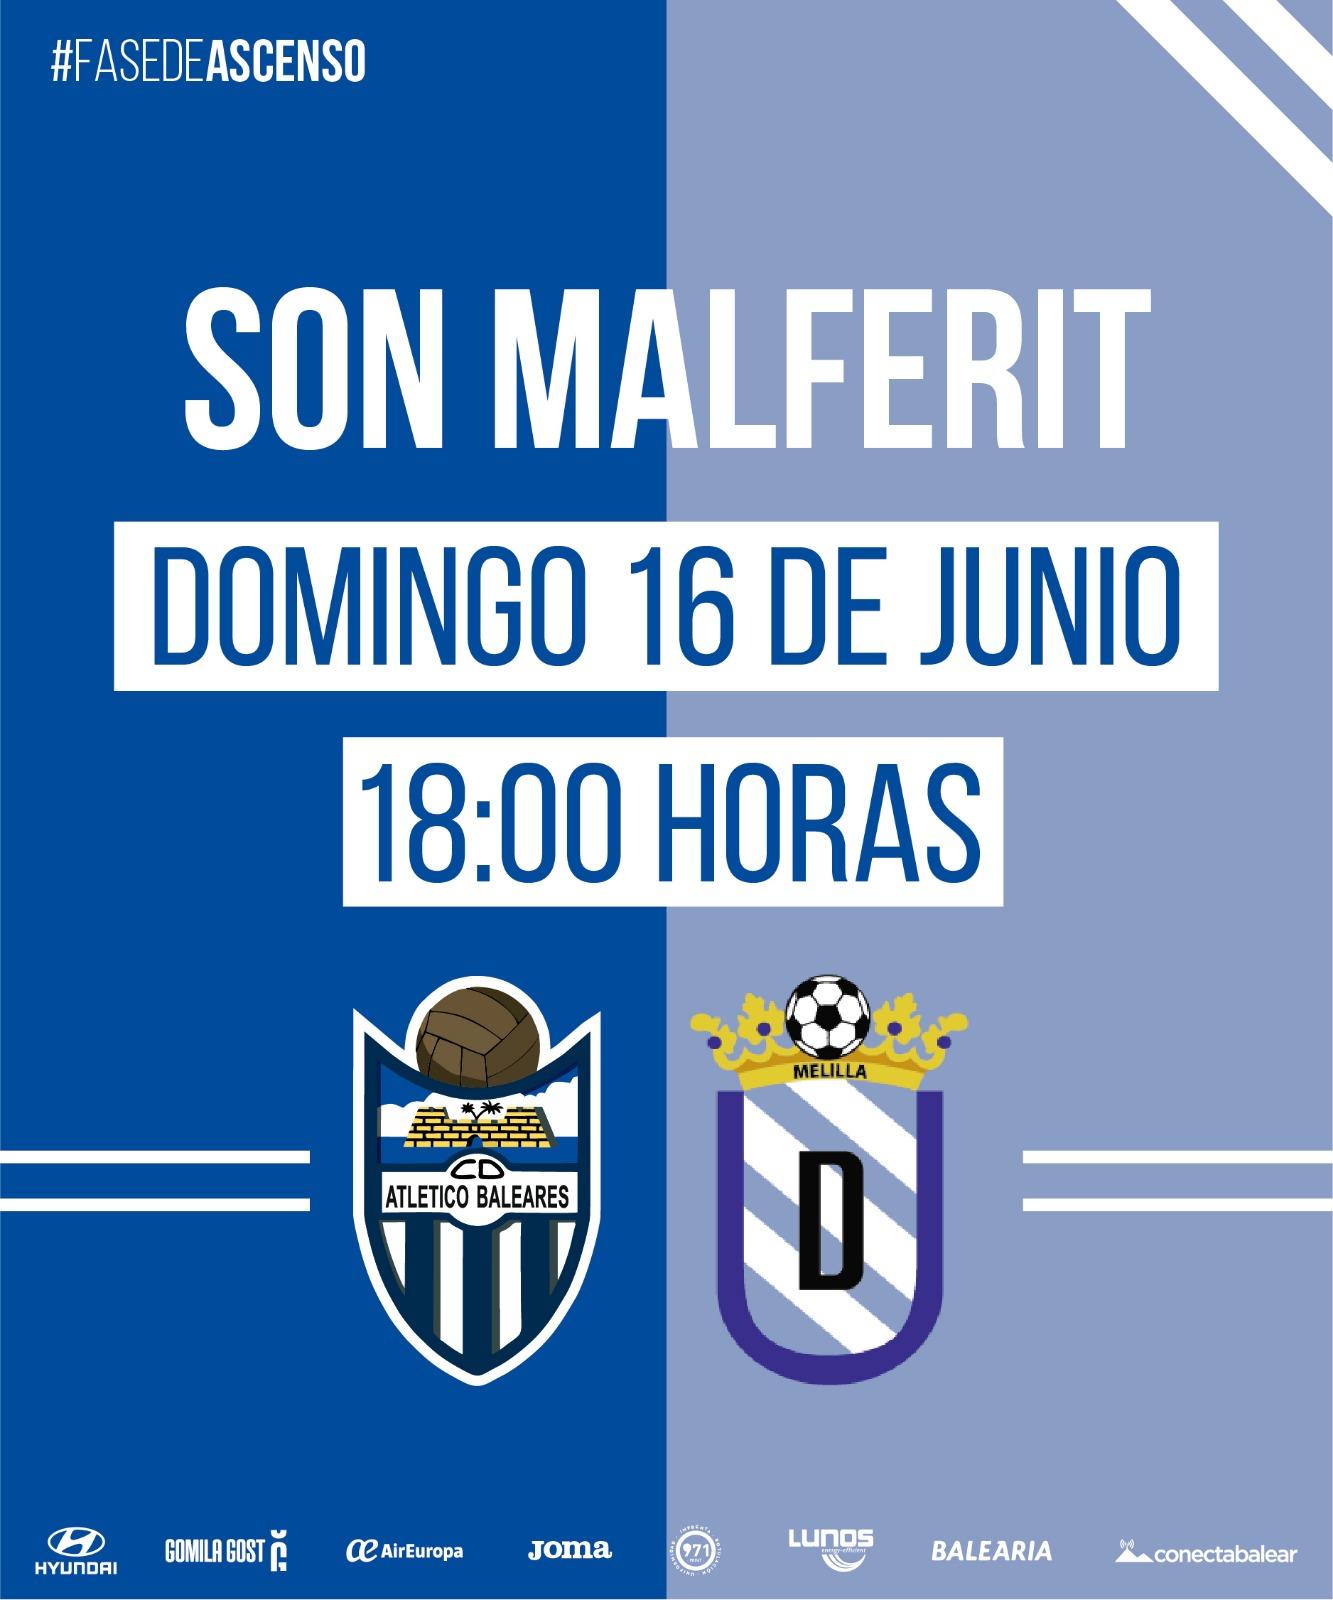 ATB-Melilla el domingo a las 18:00 horas en Son Malferit - Segunda B ...